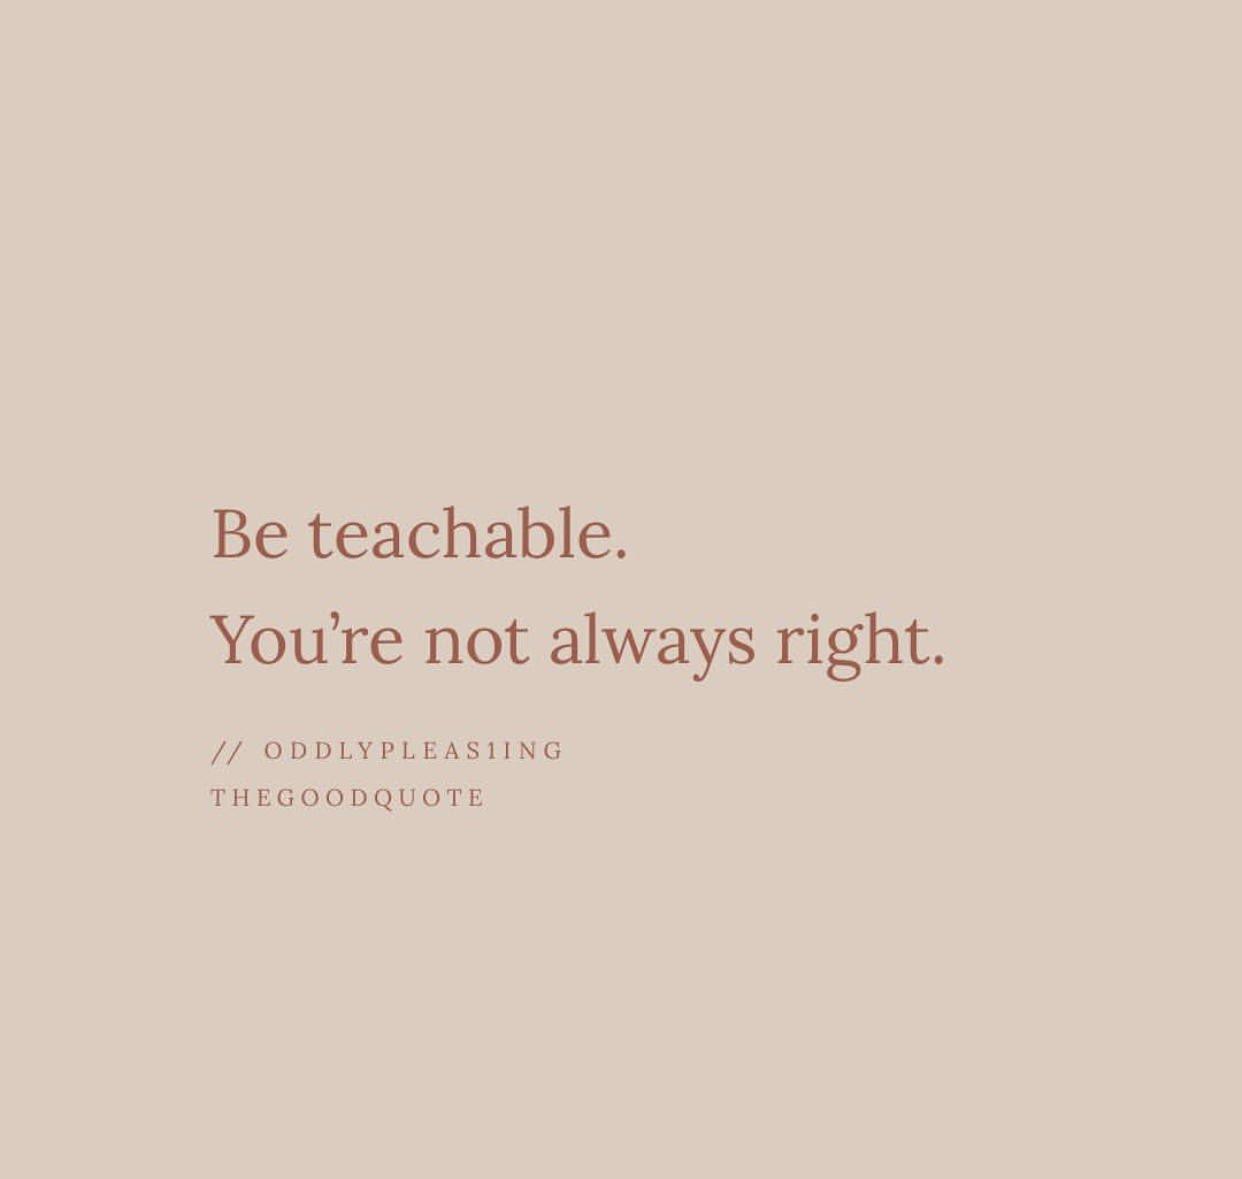 Be teachable